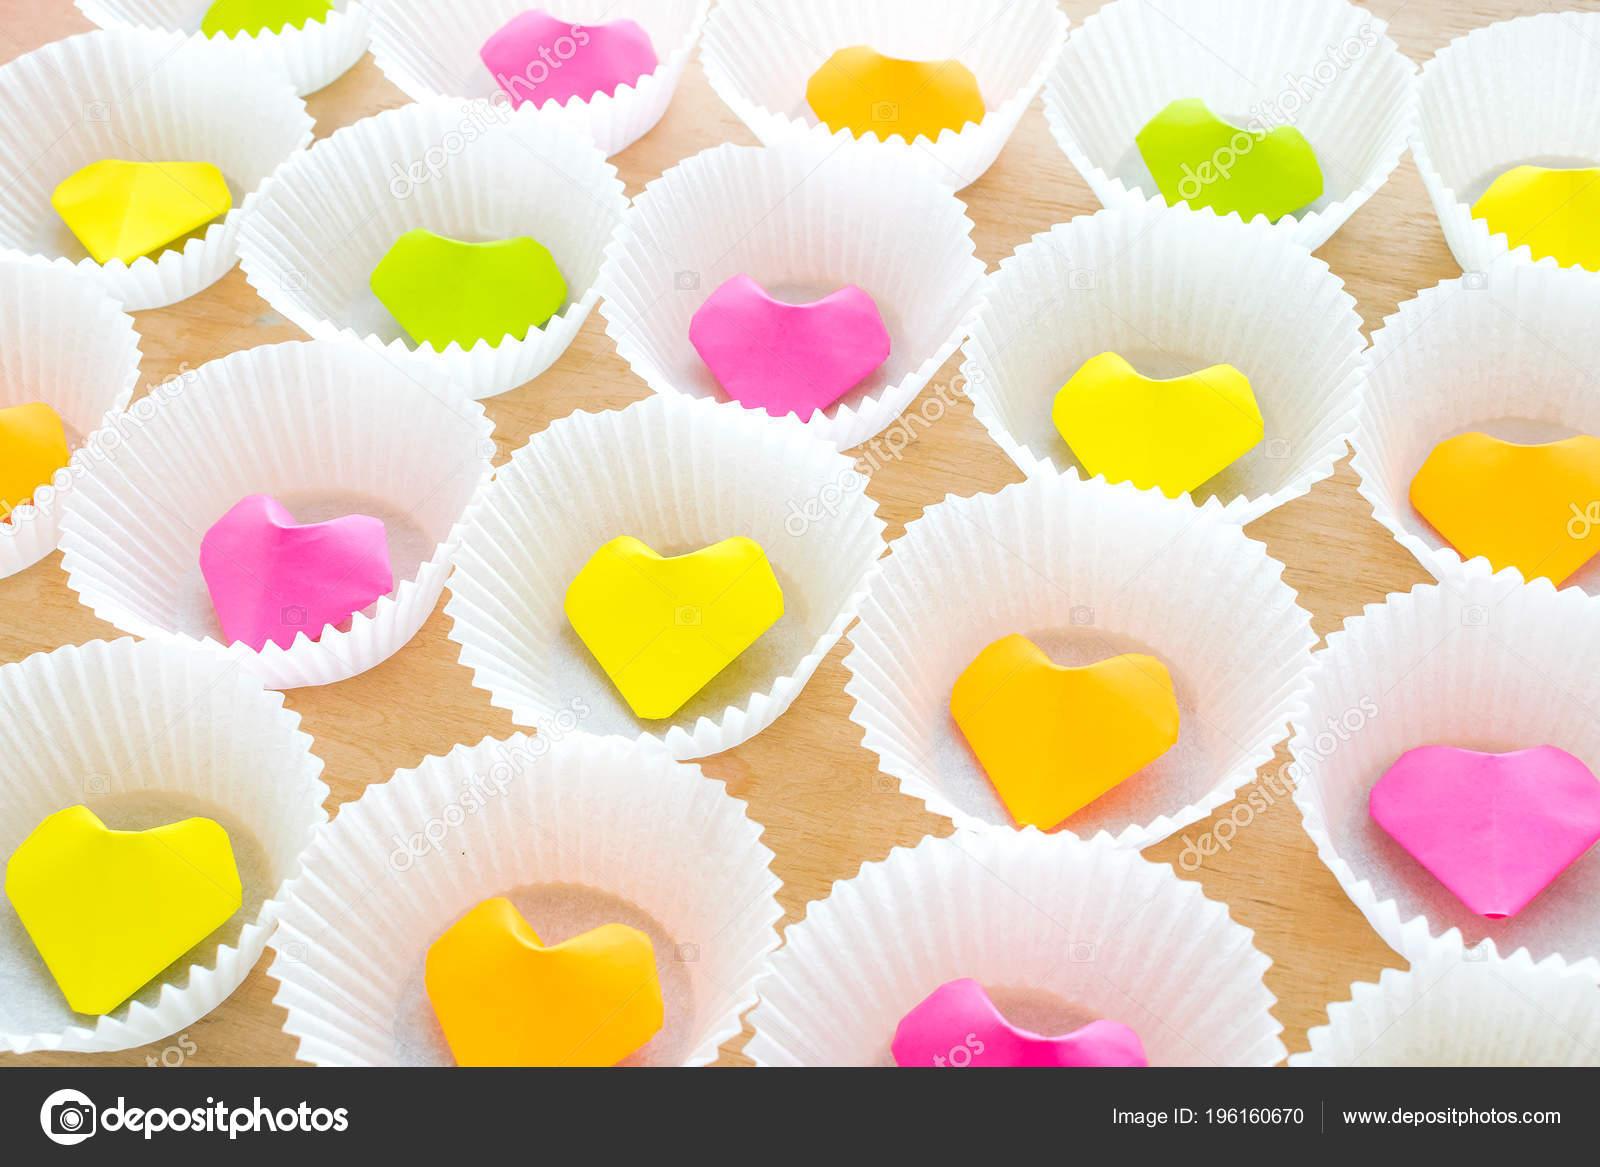 Viele Bunte Origami Papier Herz Runden Weissen Kuchen Formen Moderne